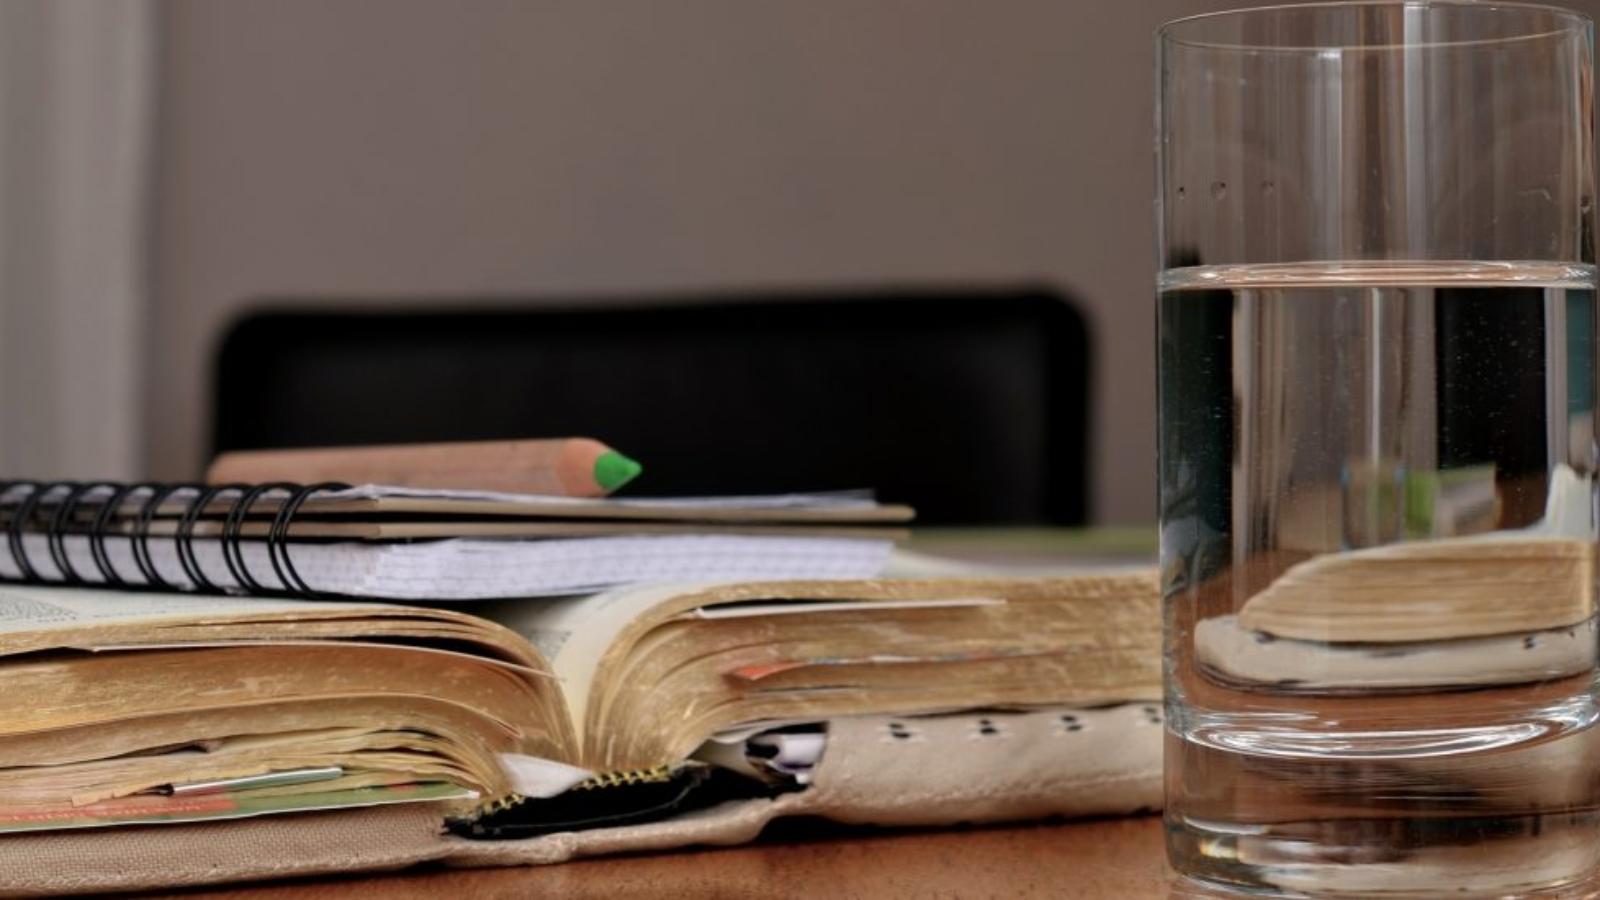 Ūdens glāze pirmajā plānā un grāmata ar kladi un zīmuli, otrajā fonā.